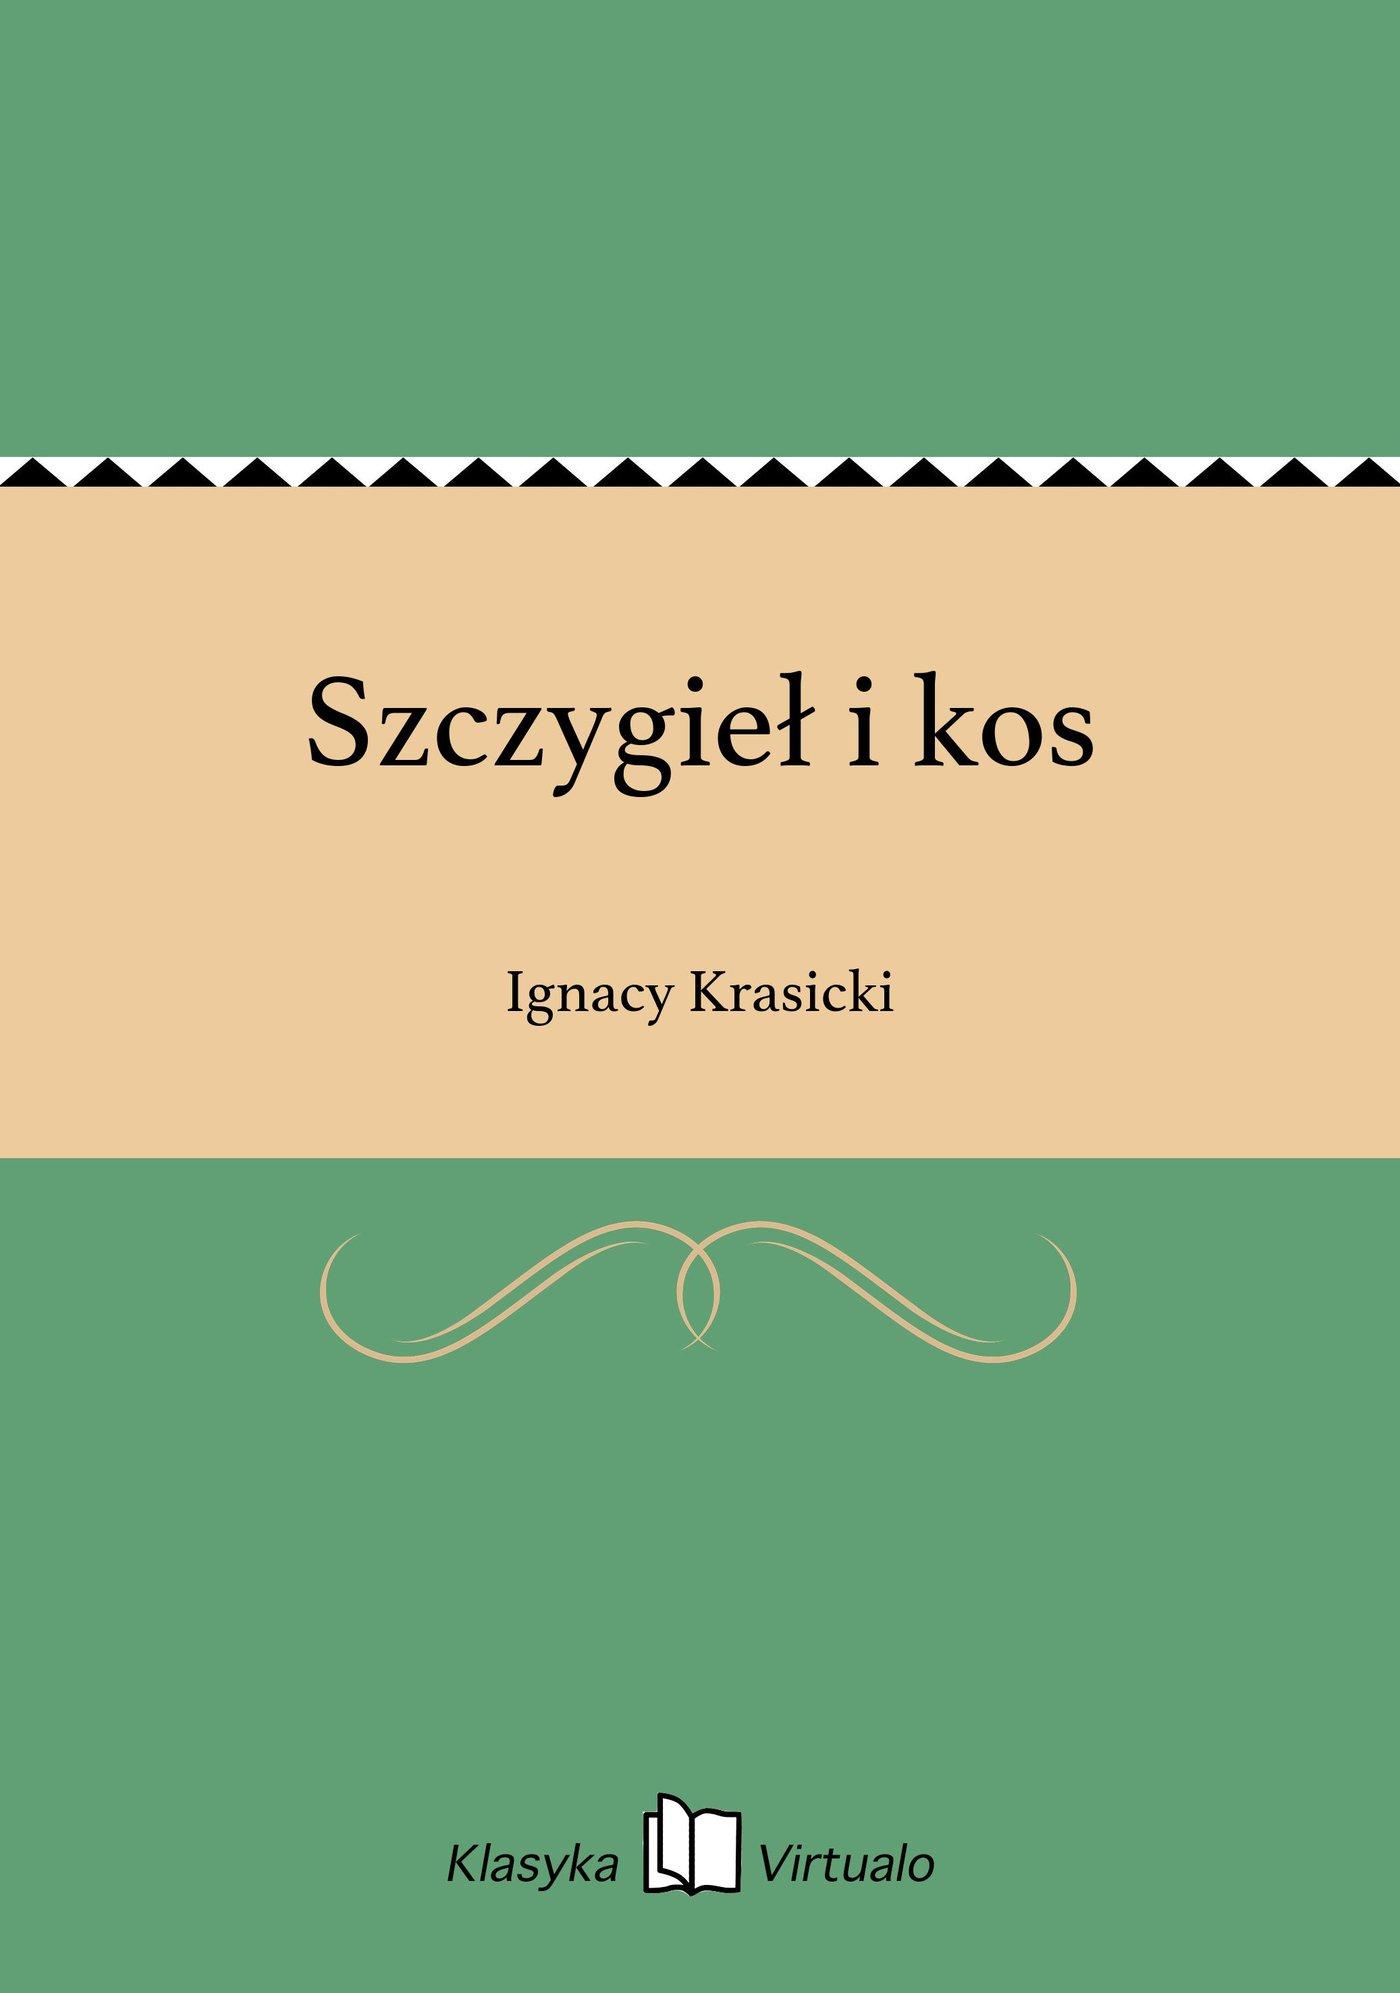 Szczygieł i kos - Ebook (Książka EPUB) do pobrania w formacie EPUB